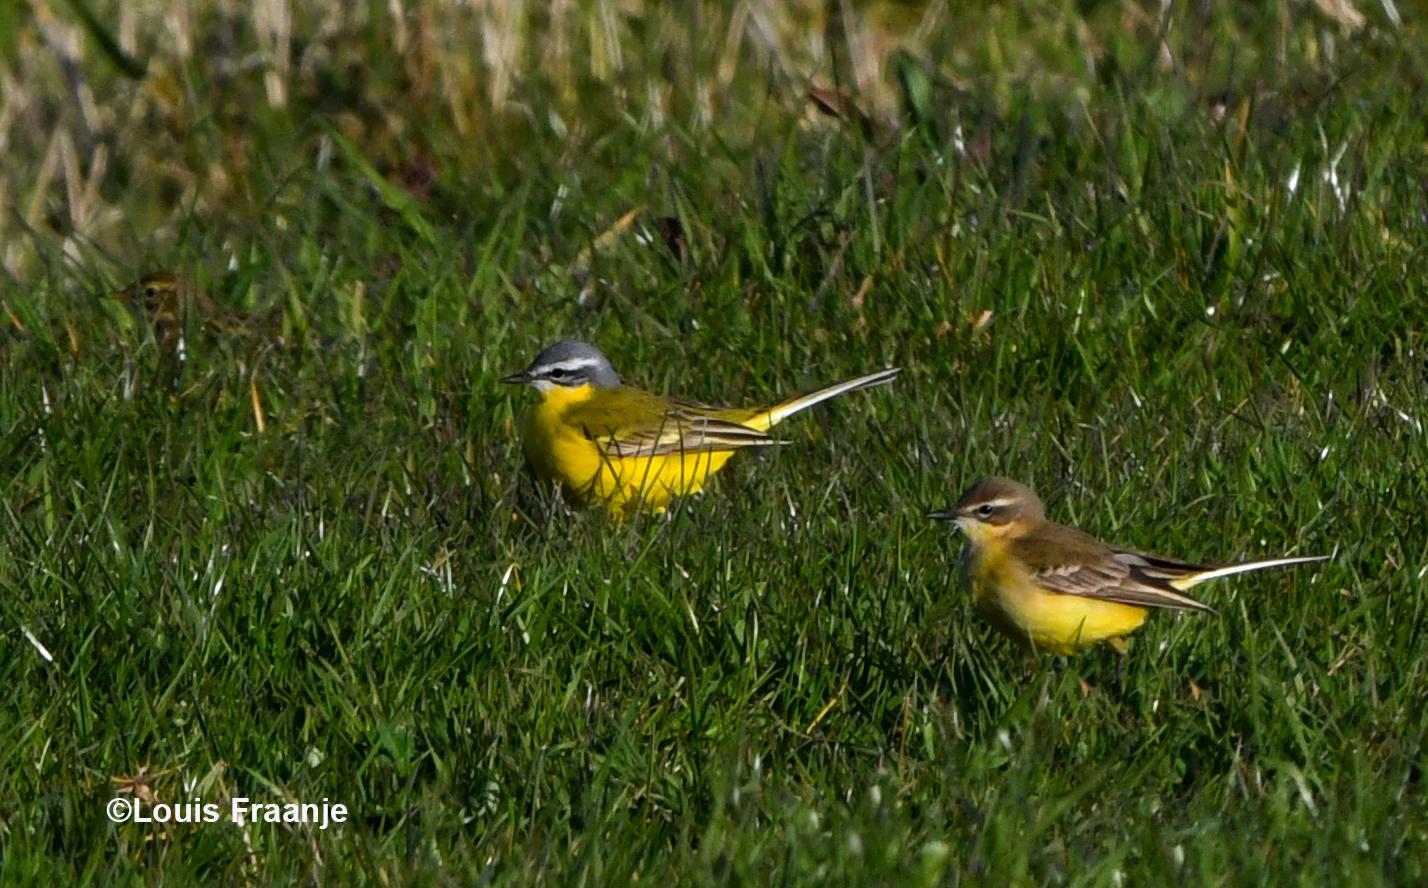 Echtpaar gele kwikstaart met links het felgele mannetje en rechts het vrouwtje - Foto: ©Louis Fraanje